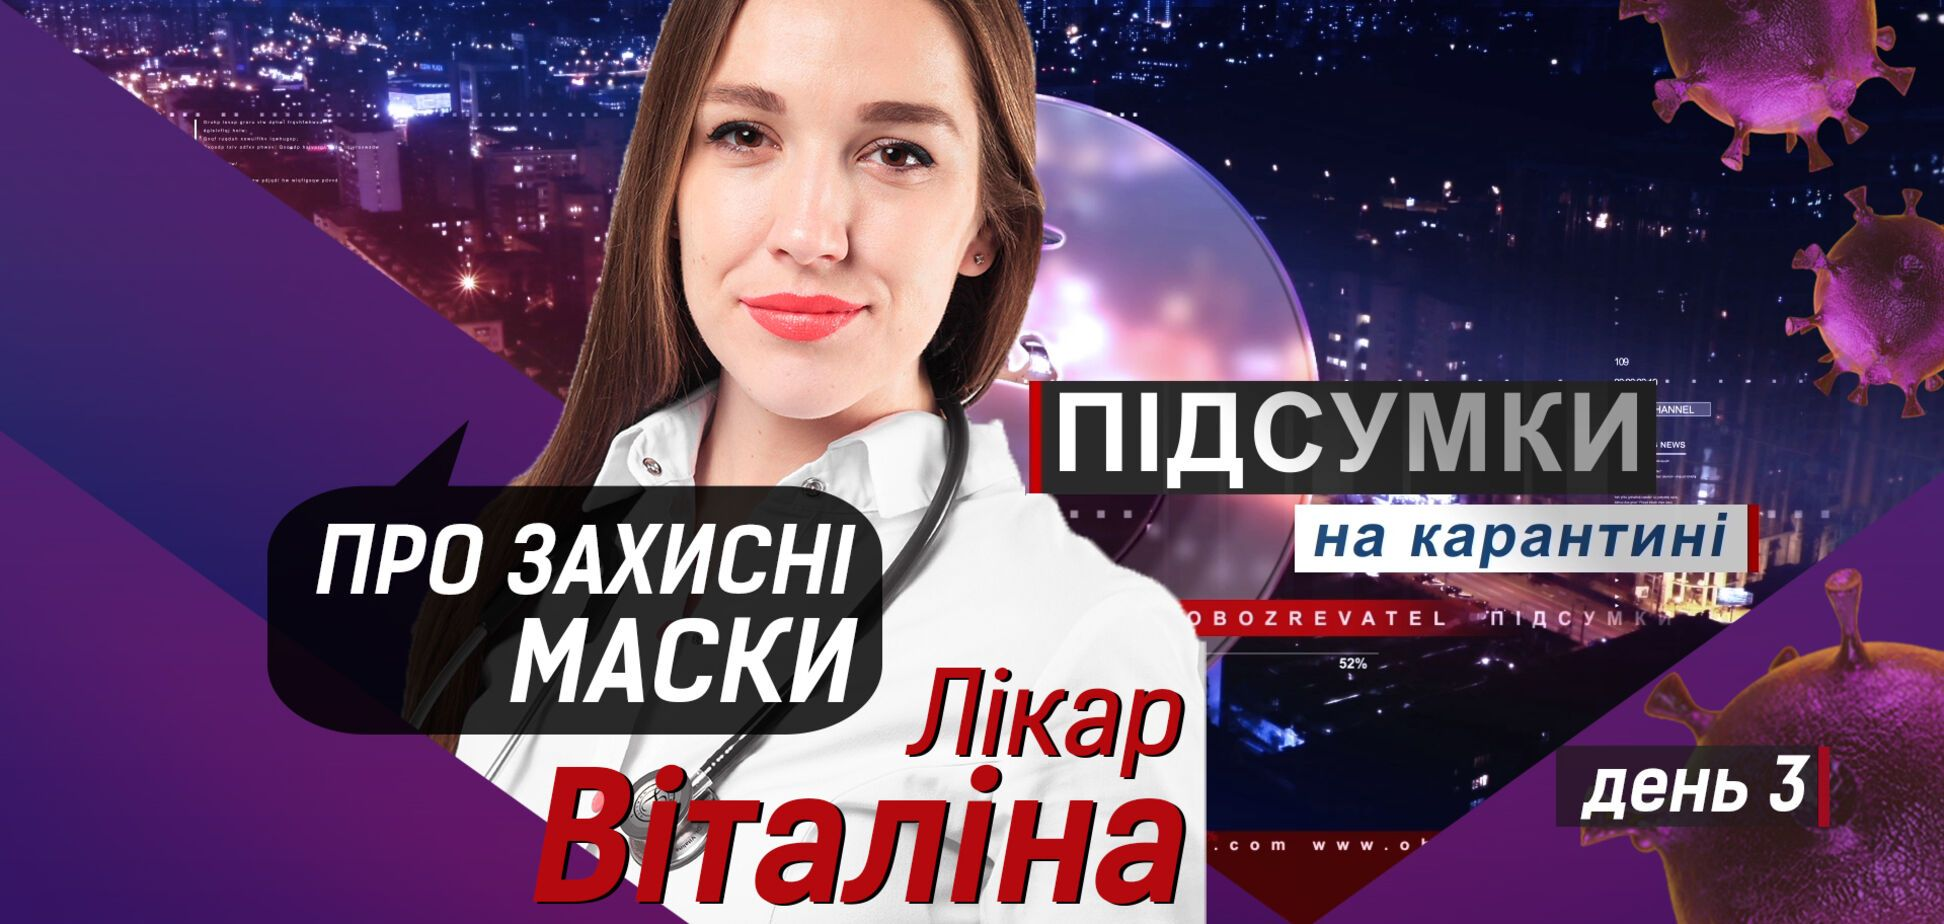 Коронавірус в Україні: чи захистить маска